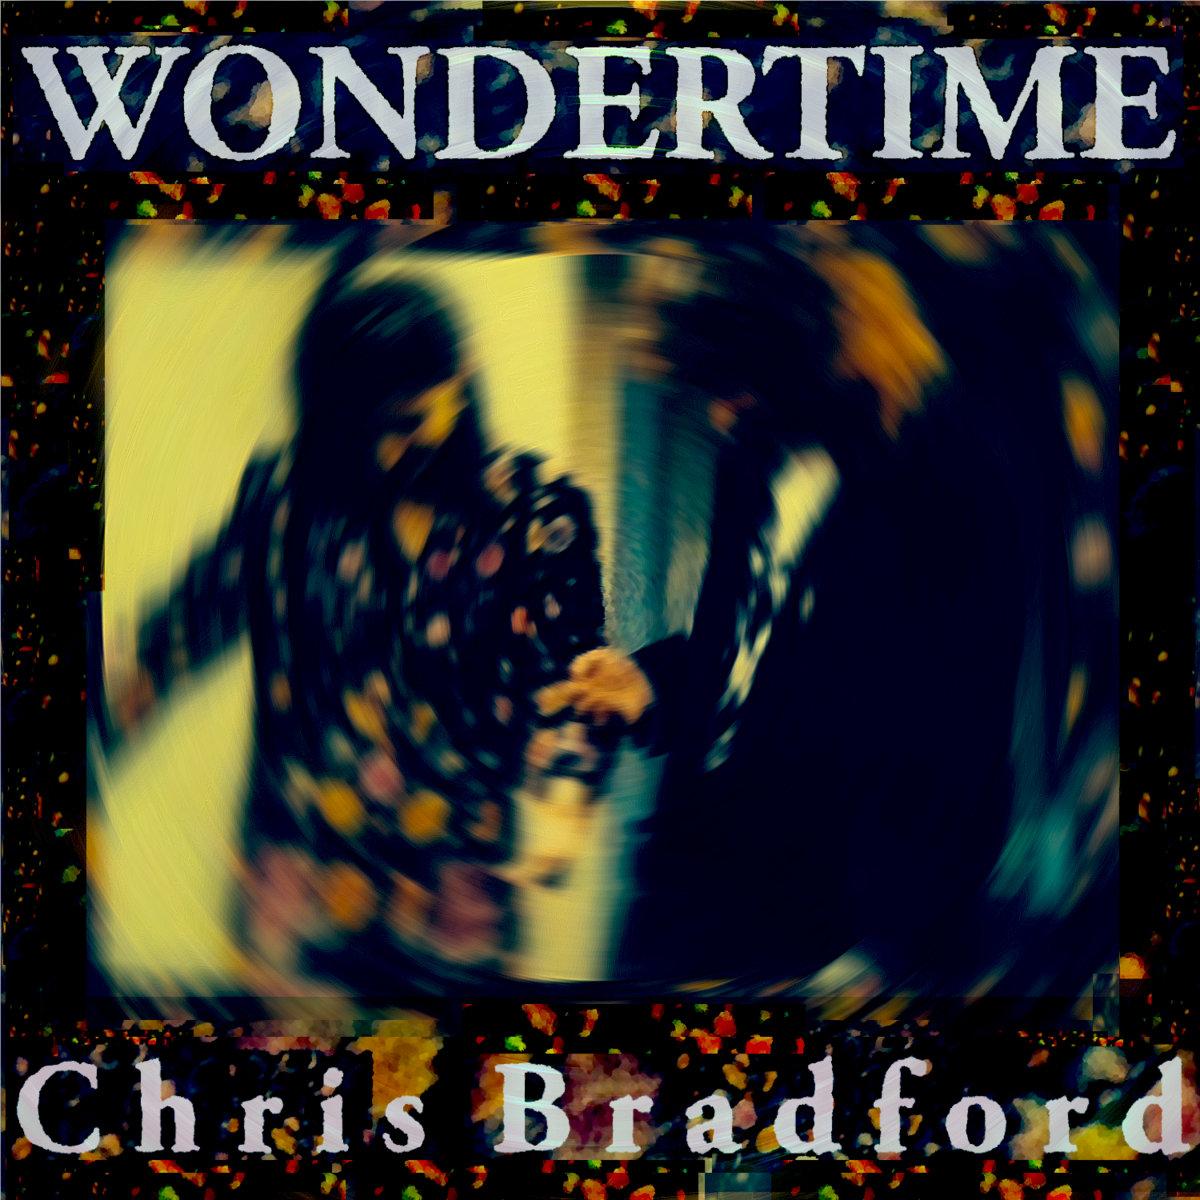 https://chrisbradford.bandcamp.com/track/wondertime-single